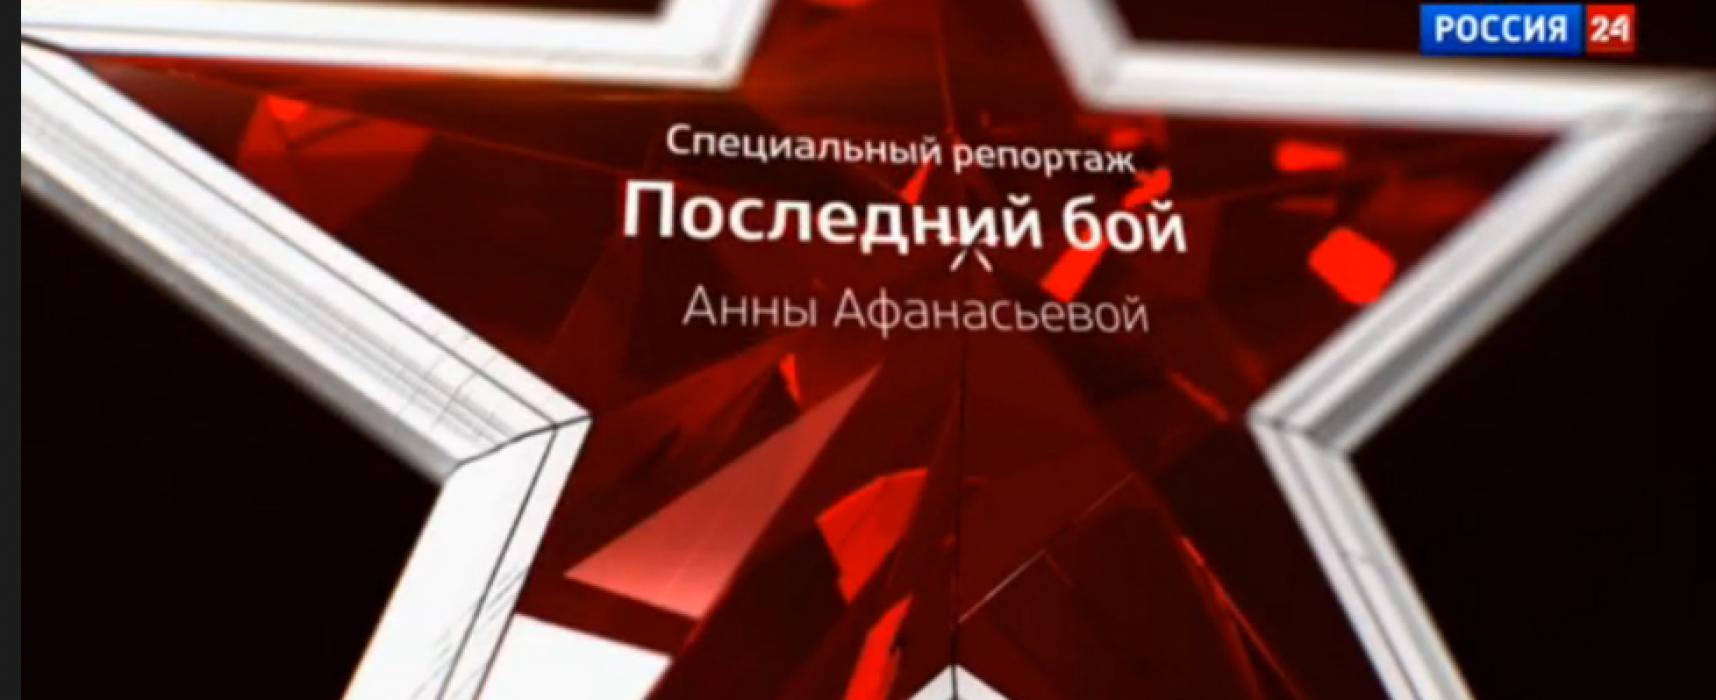 Ложь: в Украине отменили праздник Победы, а памятник Ватутину хотят демонтировать